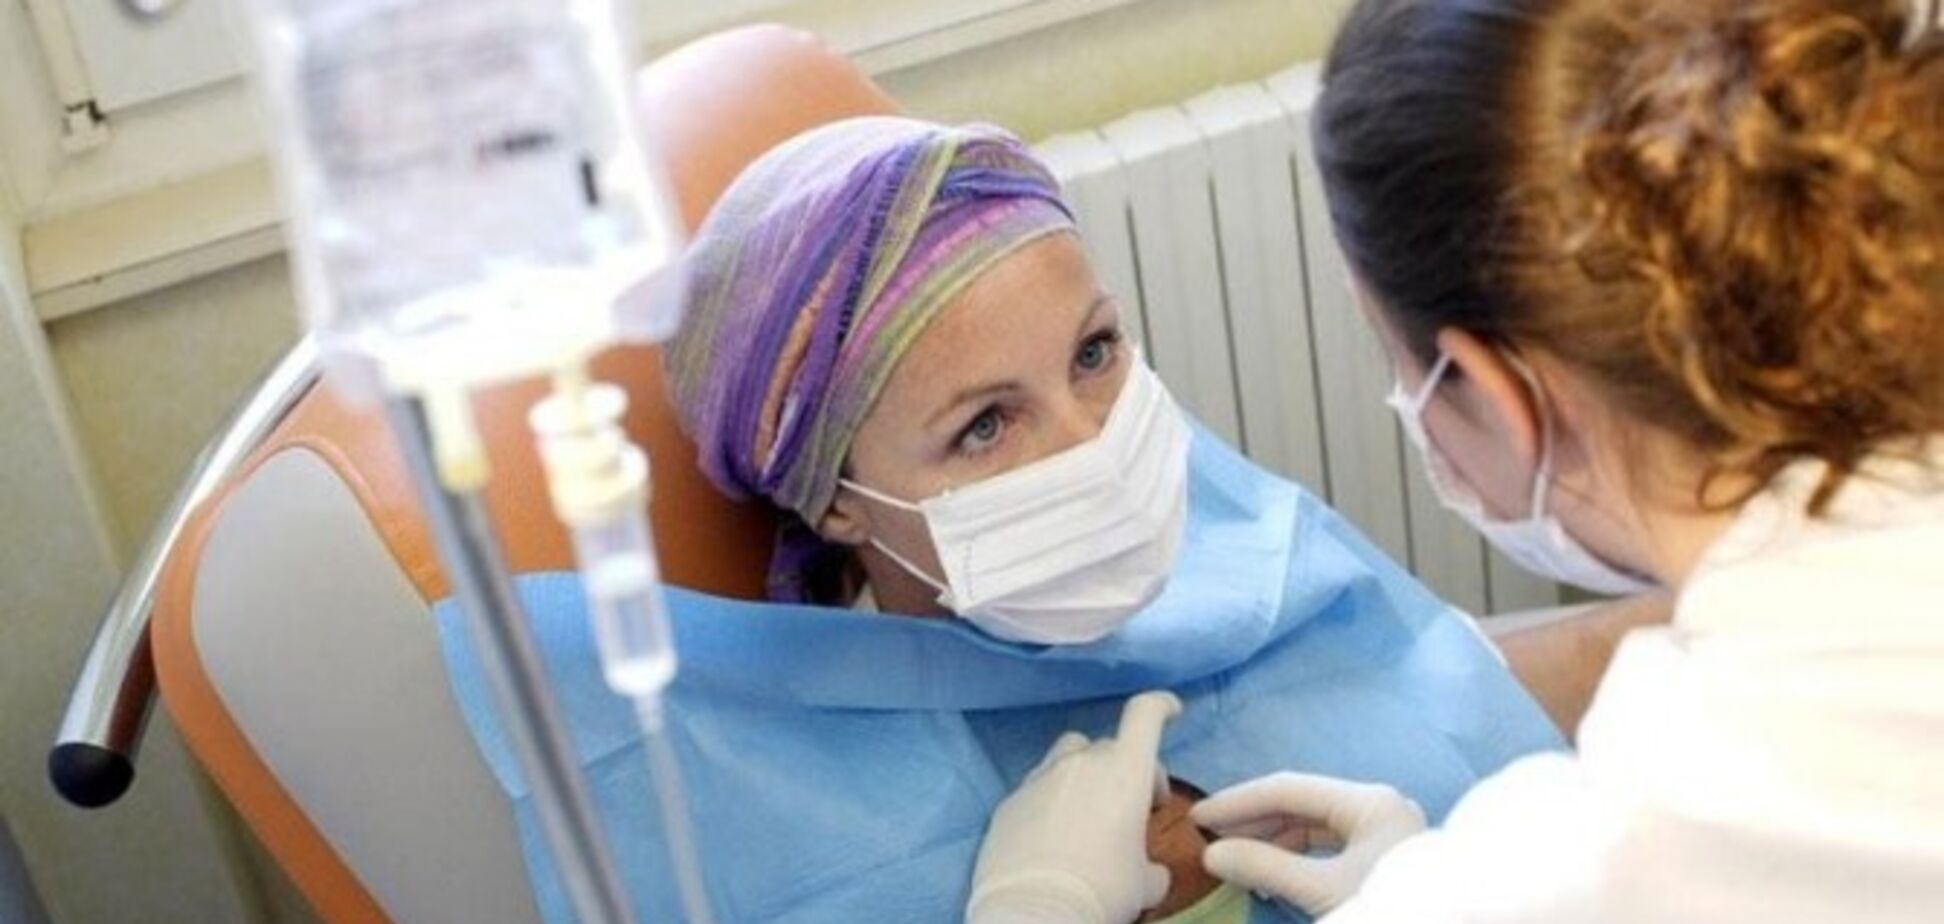 Украинцев массово косит рак: обнародована шокирующая статистика